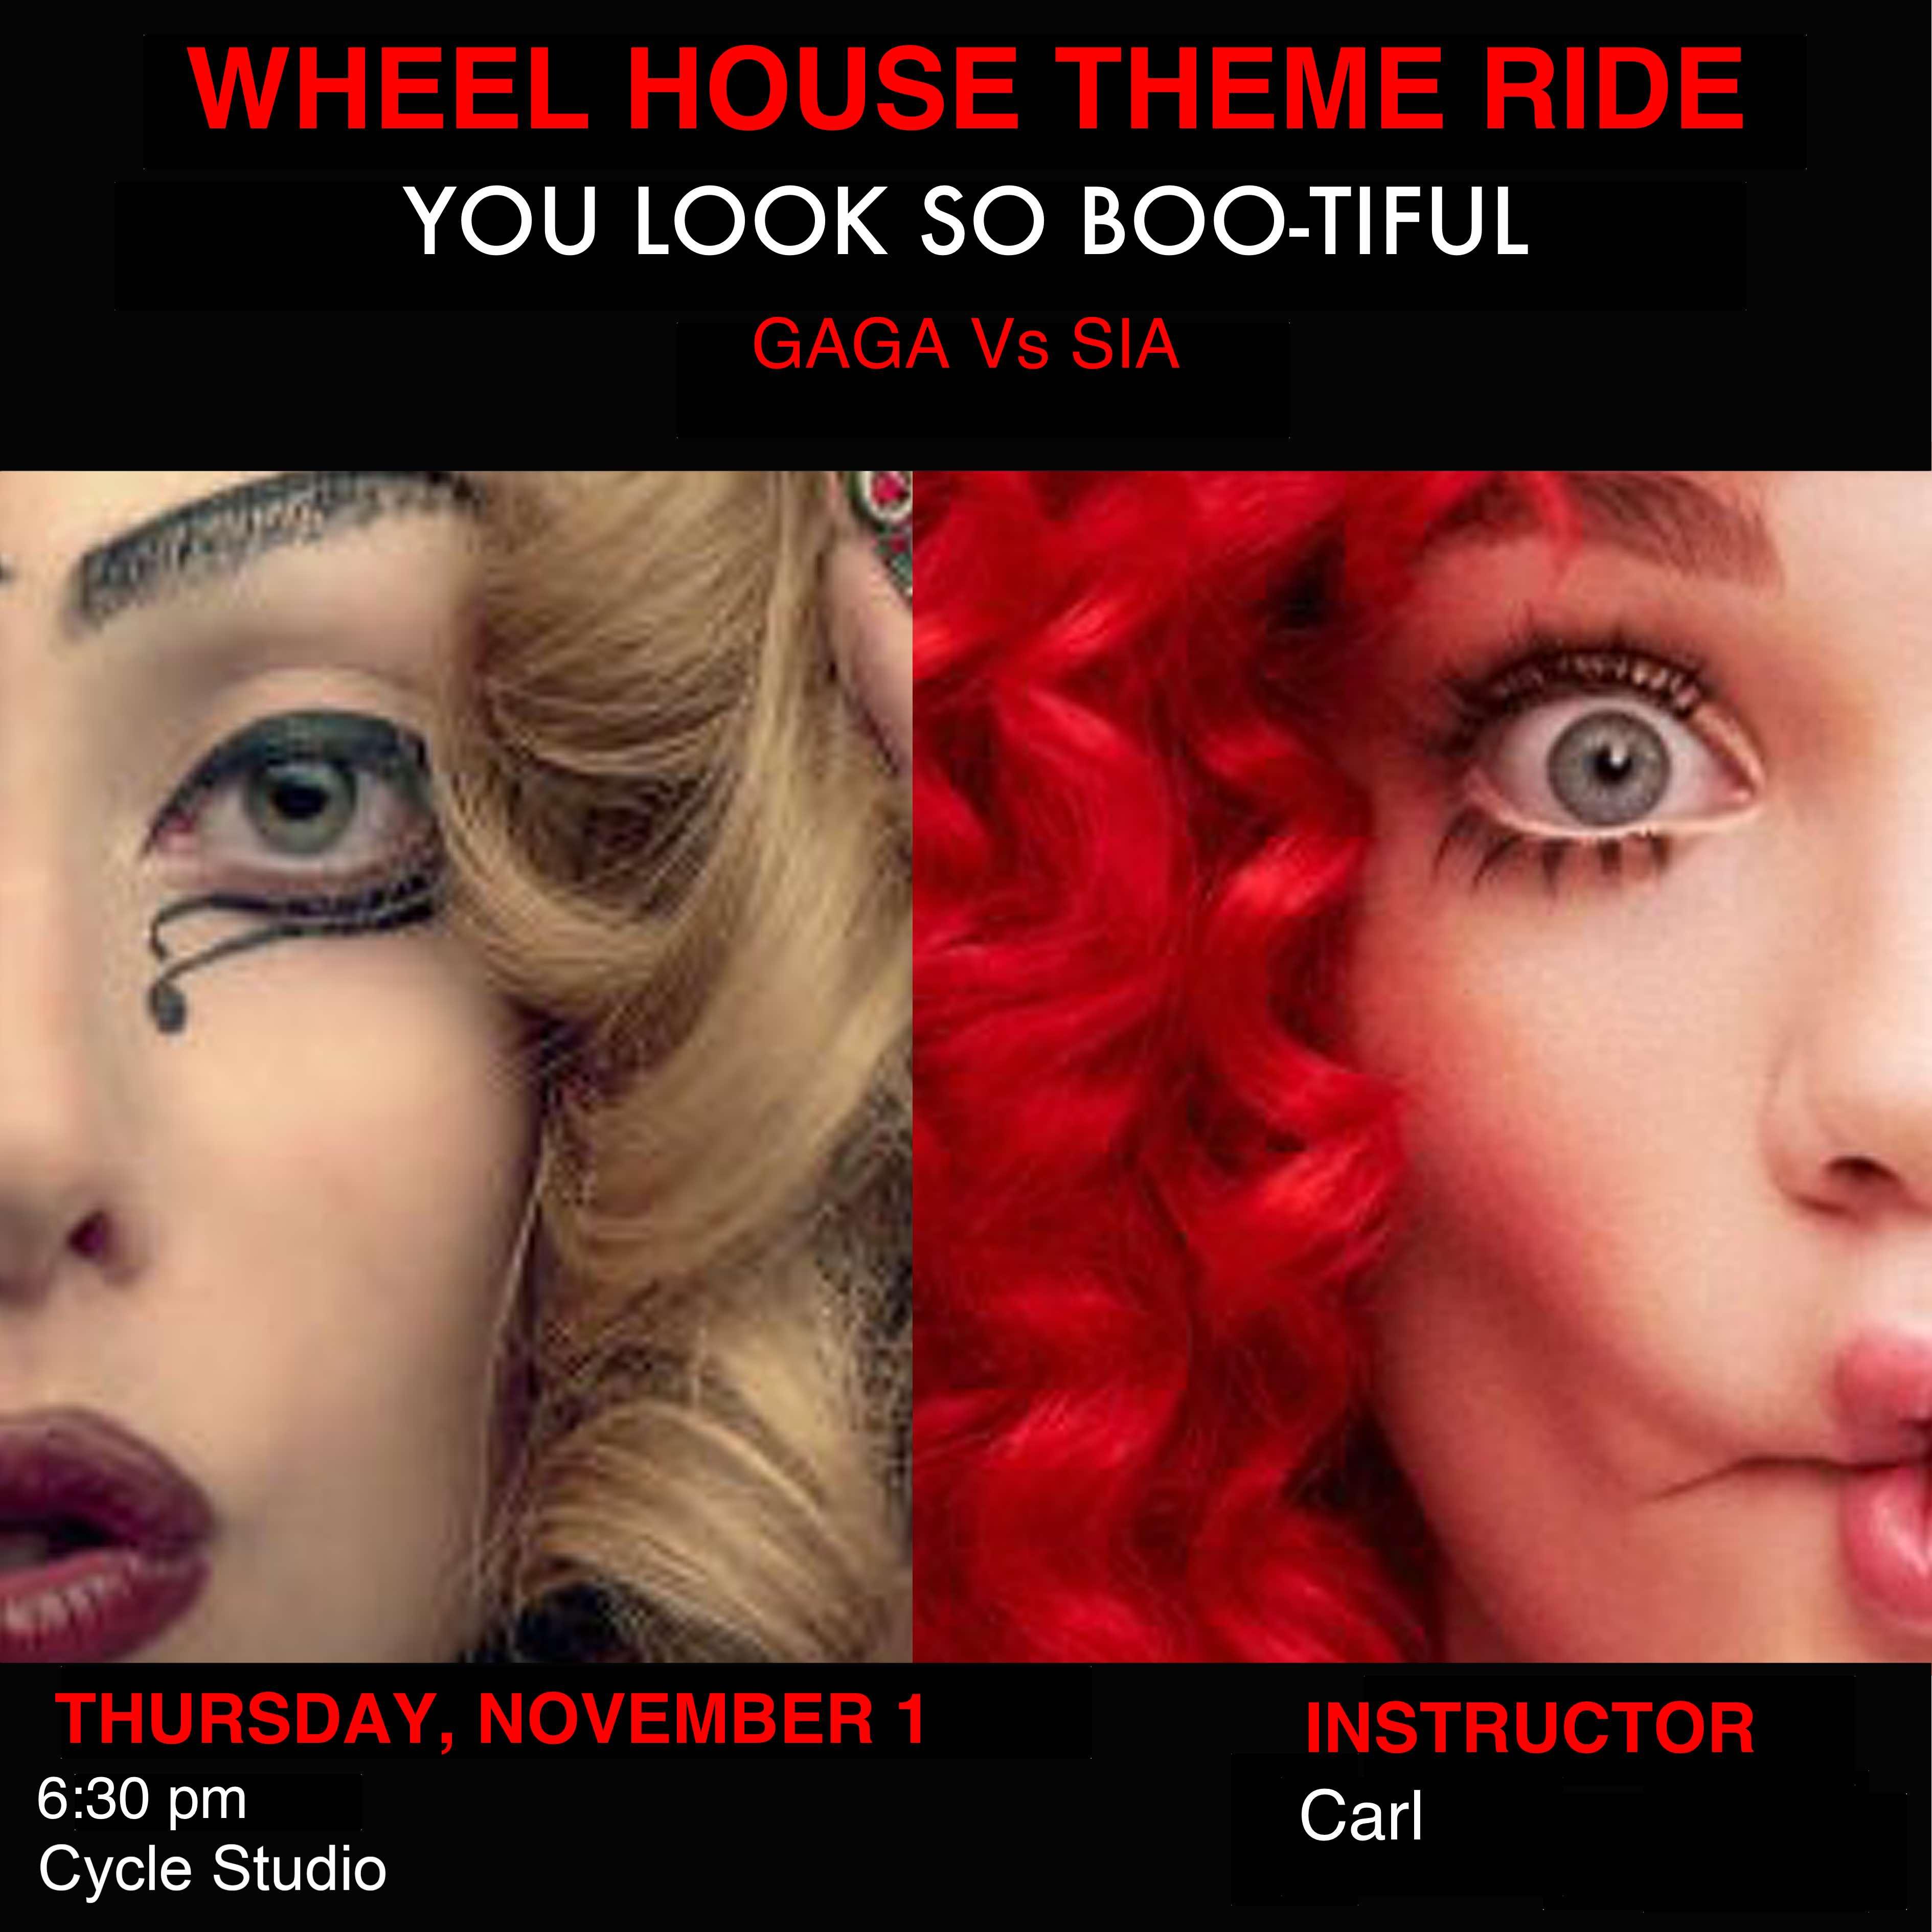 You Look So BOO-tiful - Gaga vs Sia